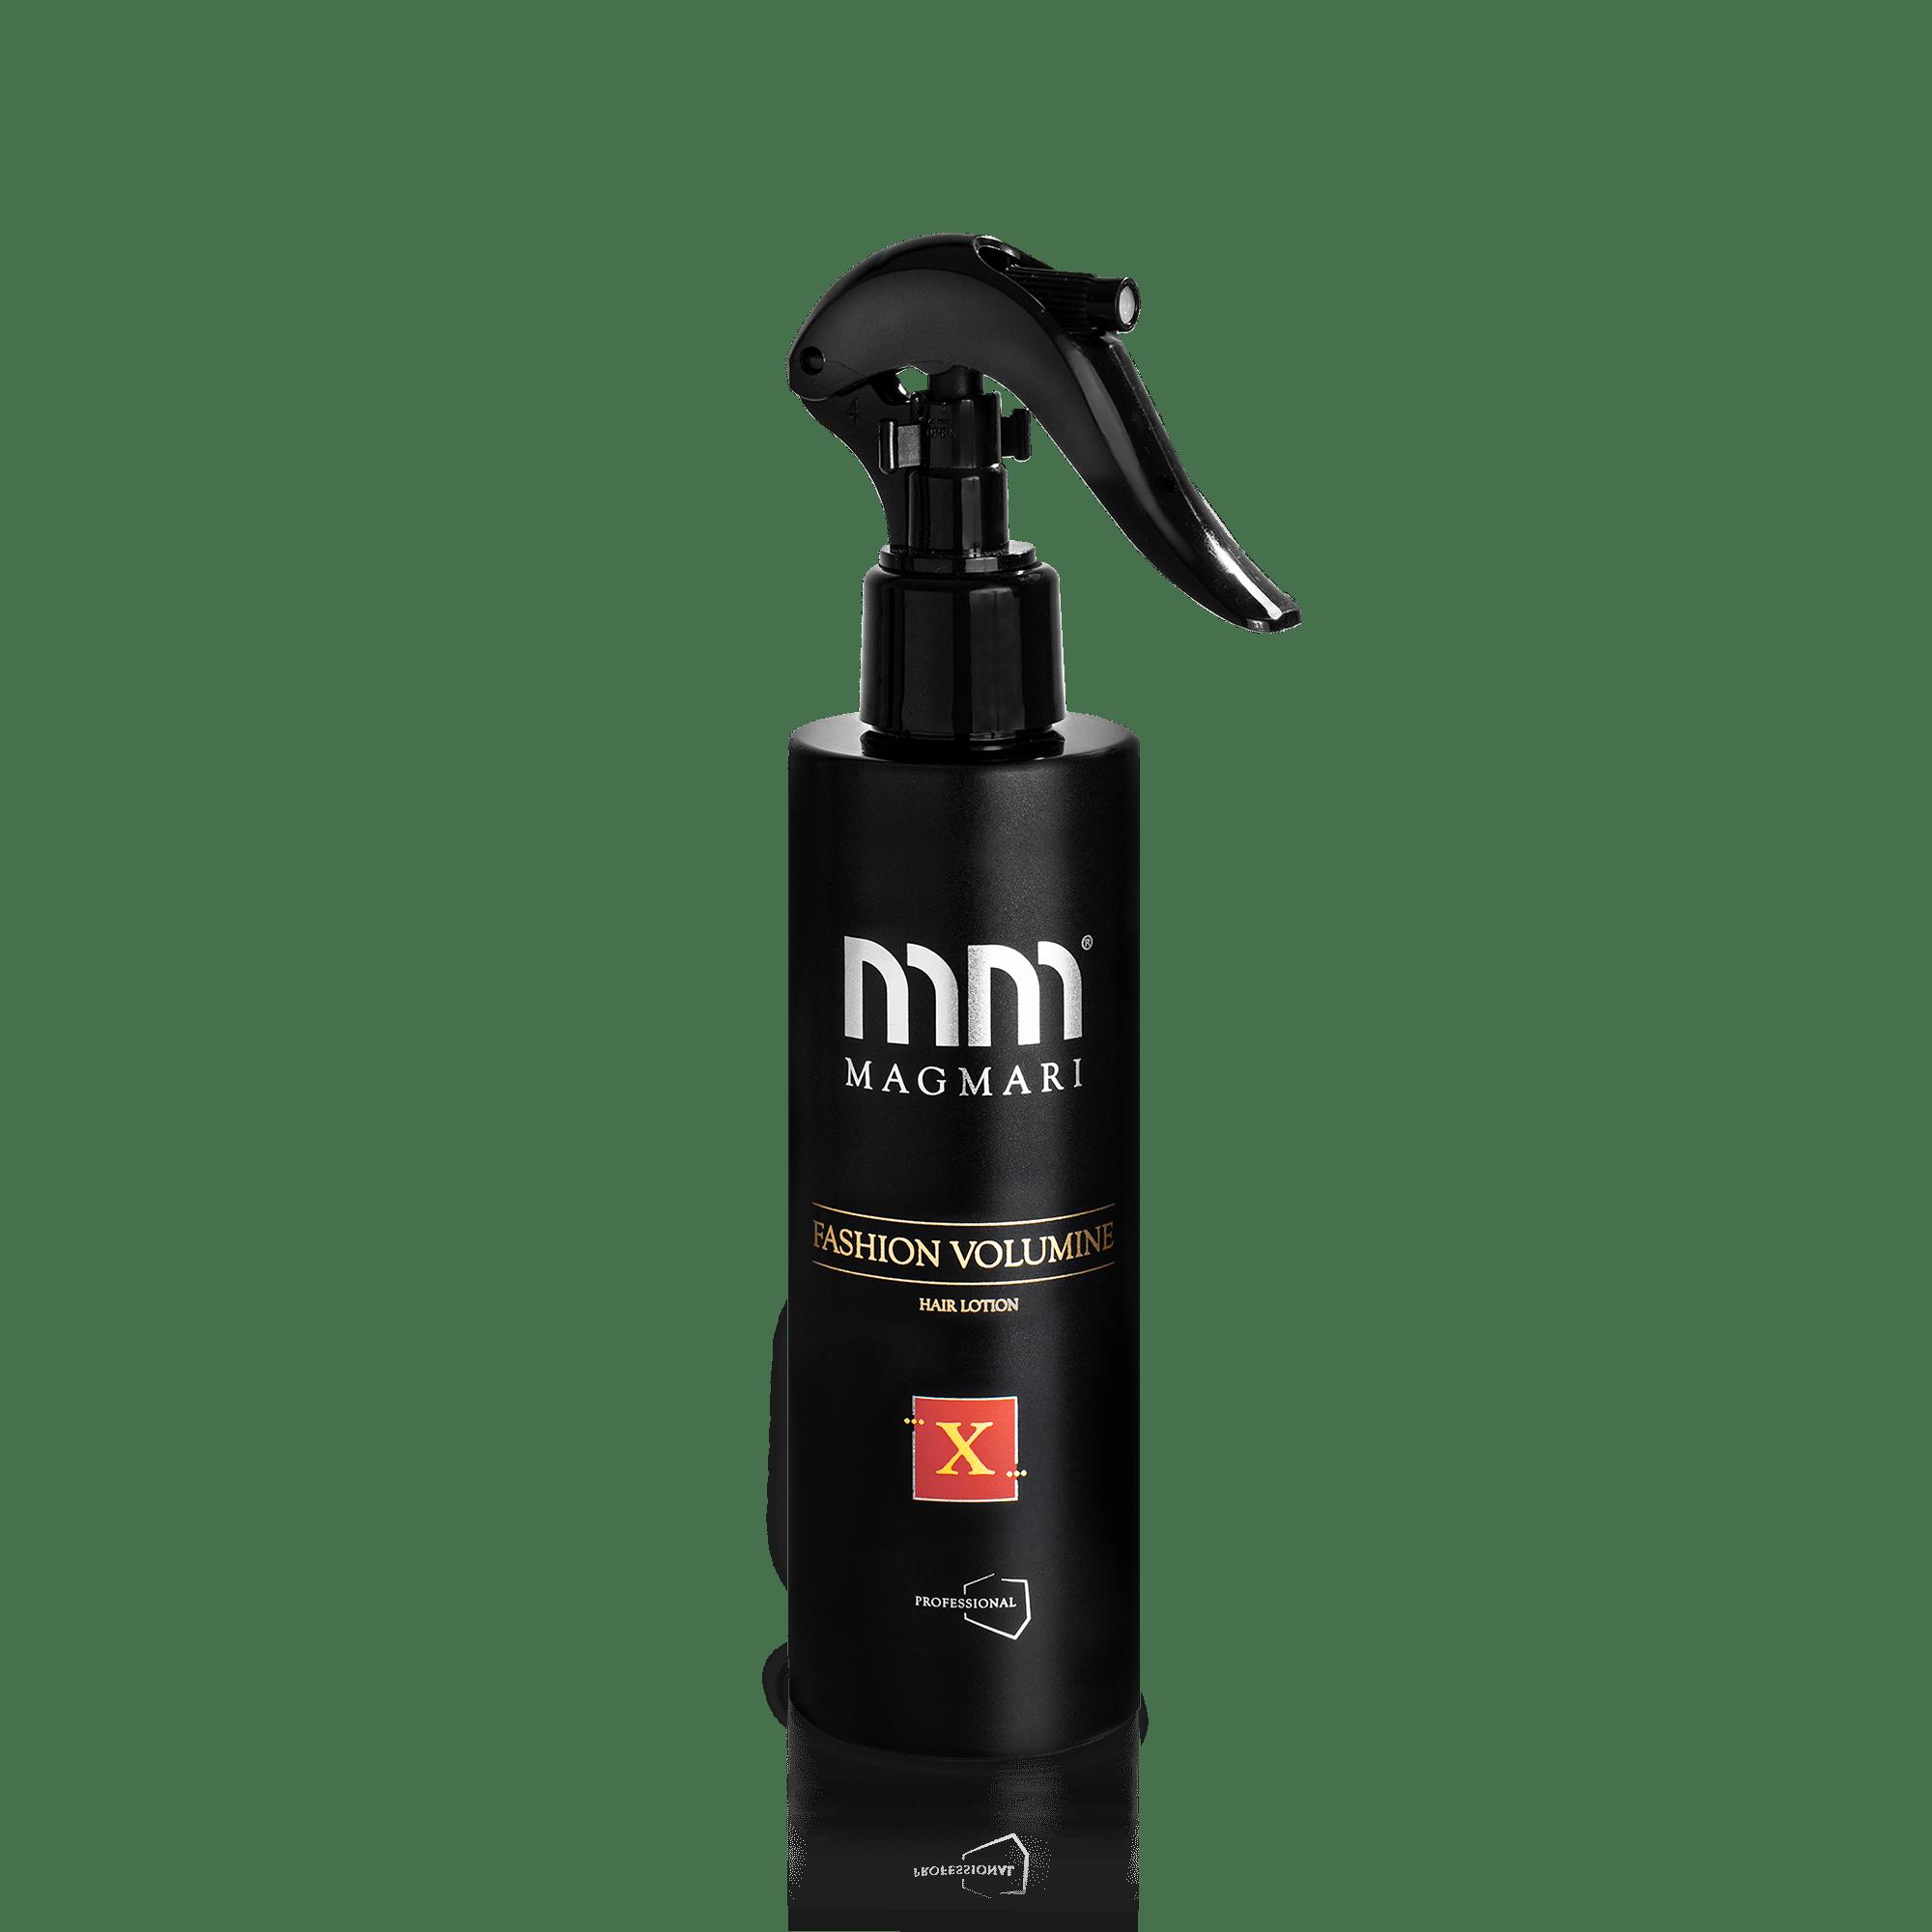 Zdjęcie produktowe. Zdjęcie produktowe na białym tle. Czarny produkt. Lotion fashion volumine. Profesjonalna mgiełka do włosów.